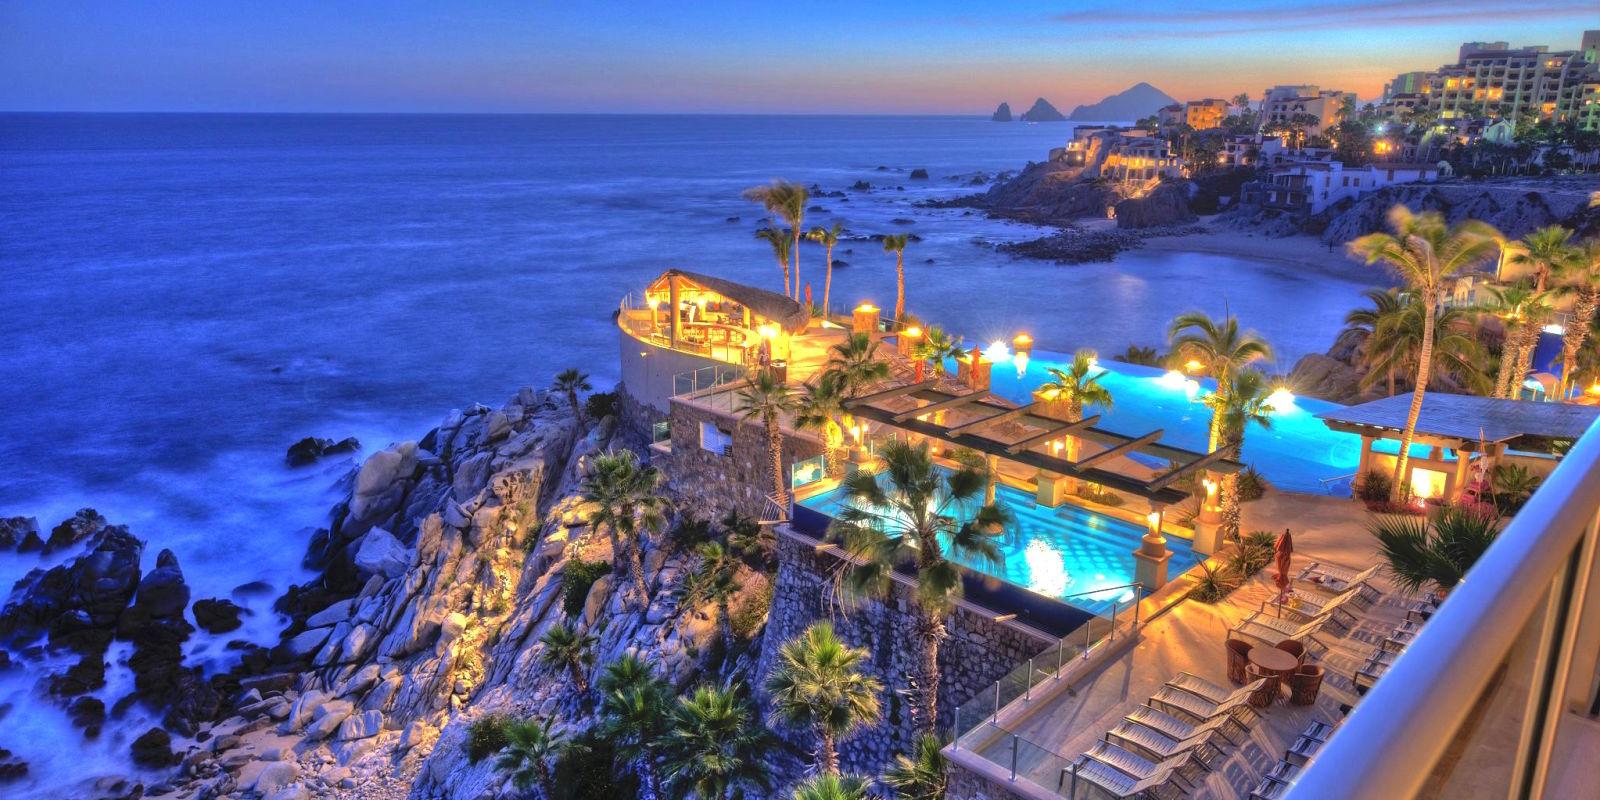 mediavault_images/Welk_Resorts_Sirena_Del_Mar_1_cu8bls